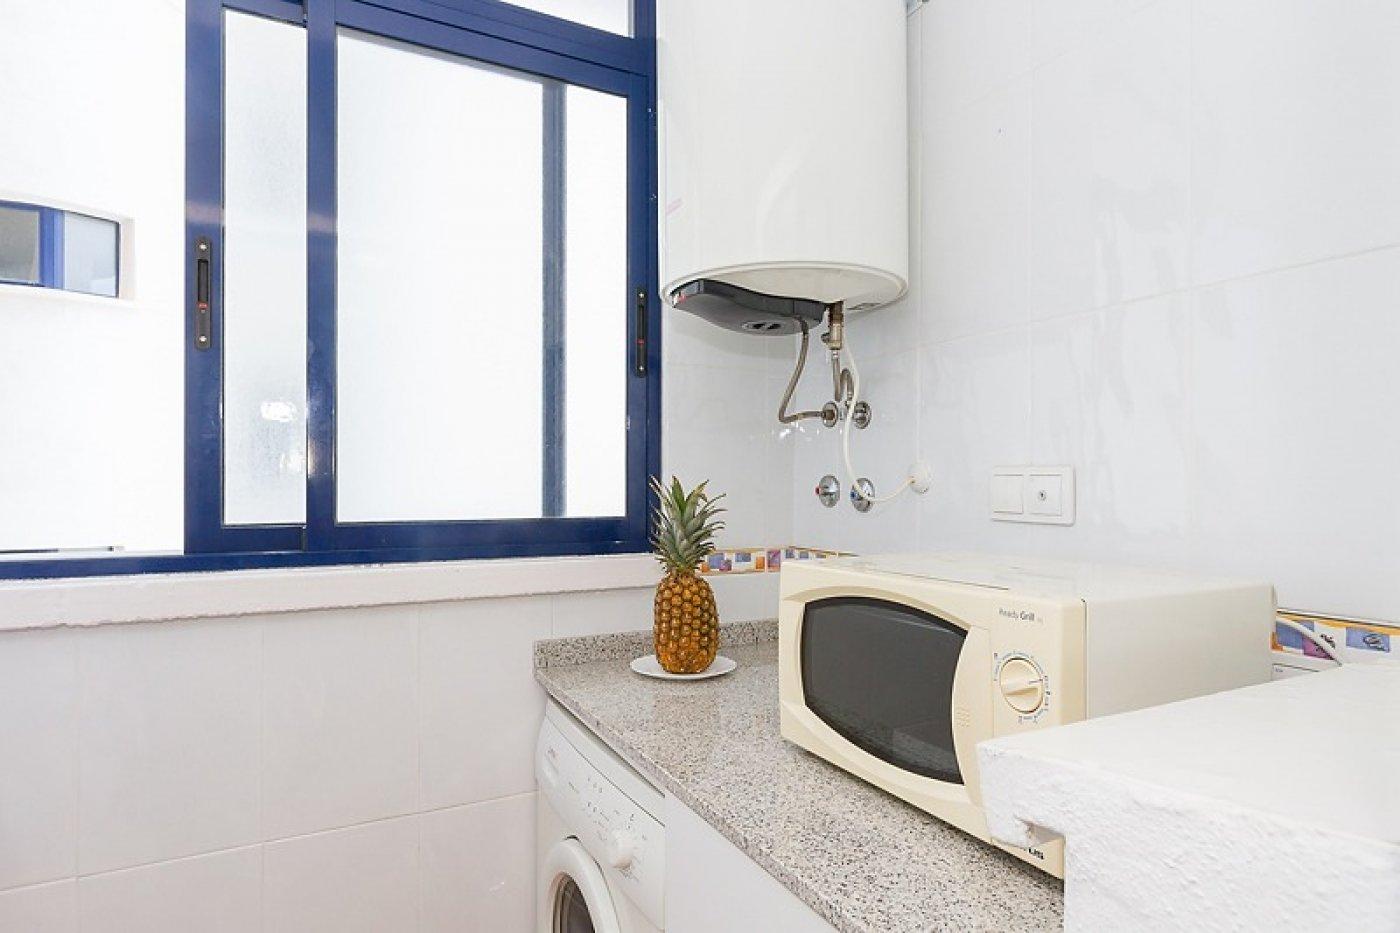 Magni?fico apartamento en gandia, residencial el eden. 2 garajes incluidos( 1 doble + 1  i - imagenInmueble7